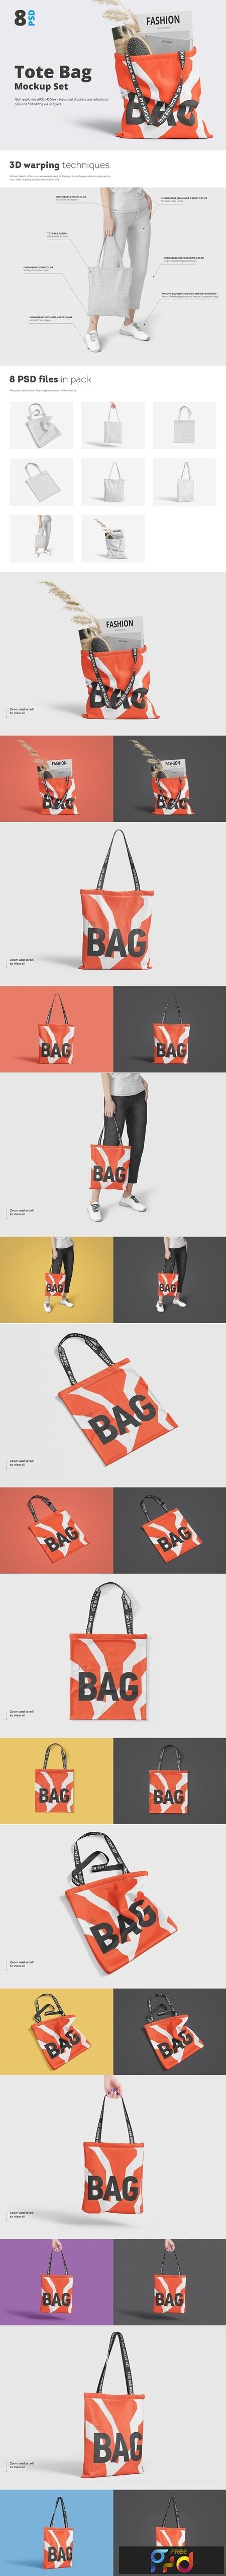 Tote Bag Mockup 3719190 1